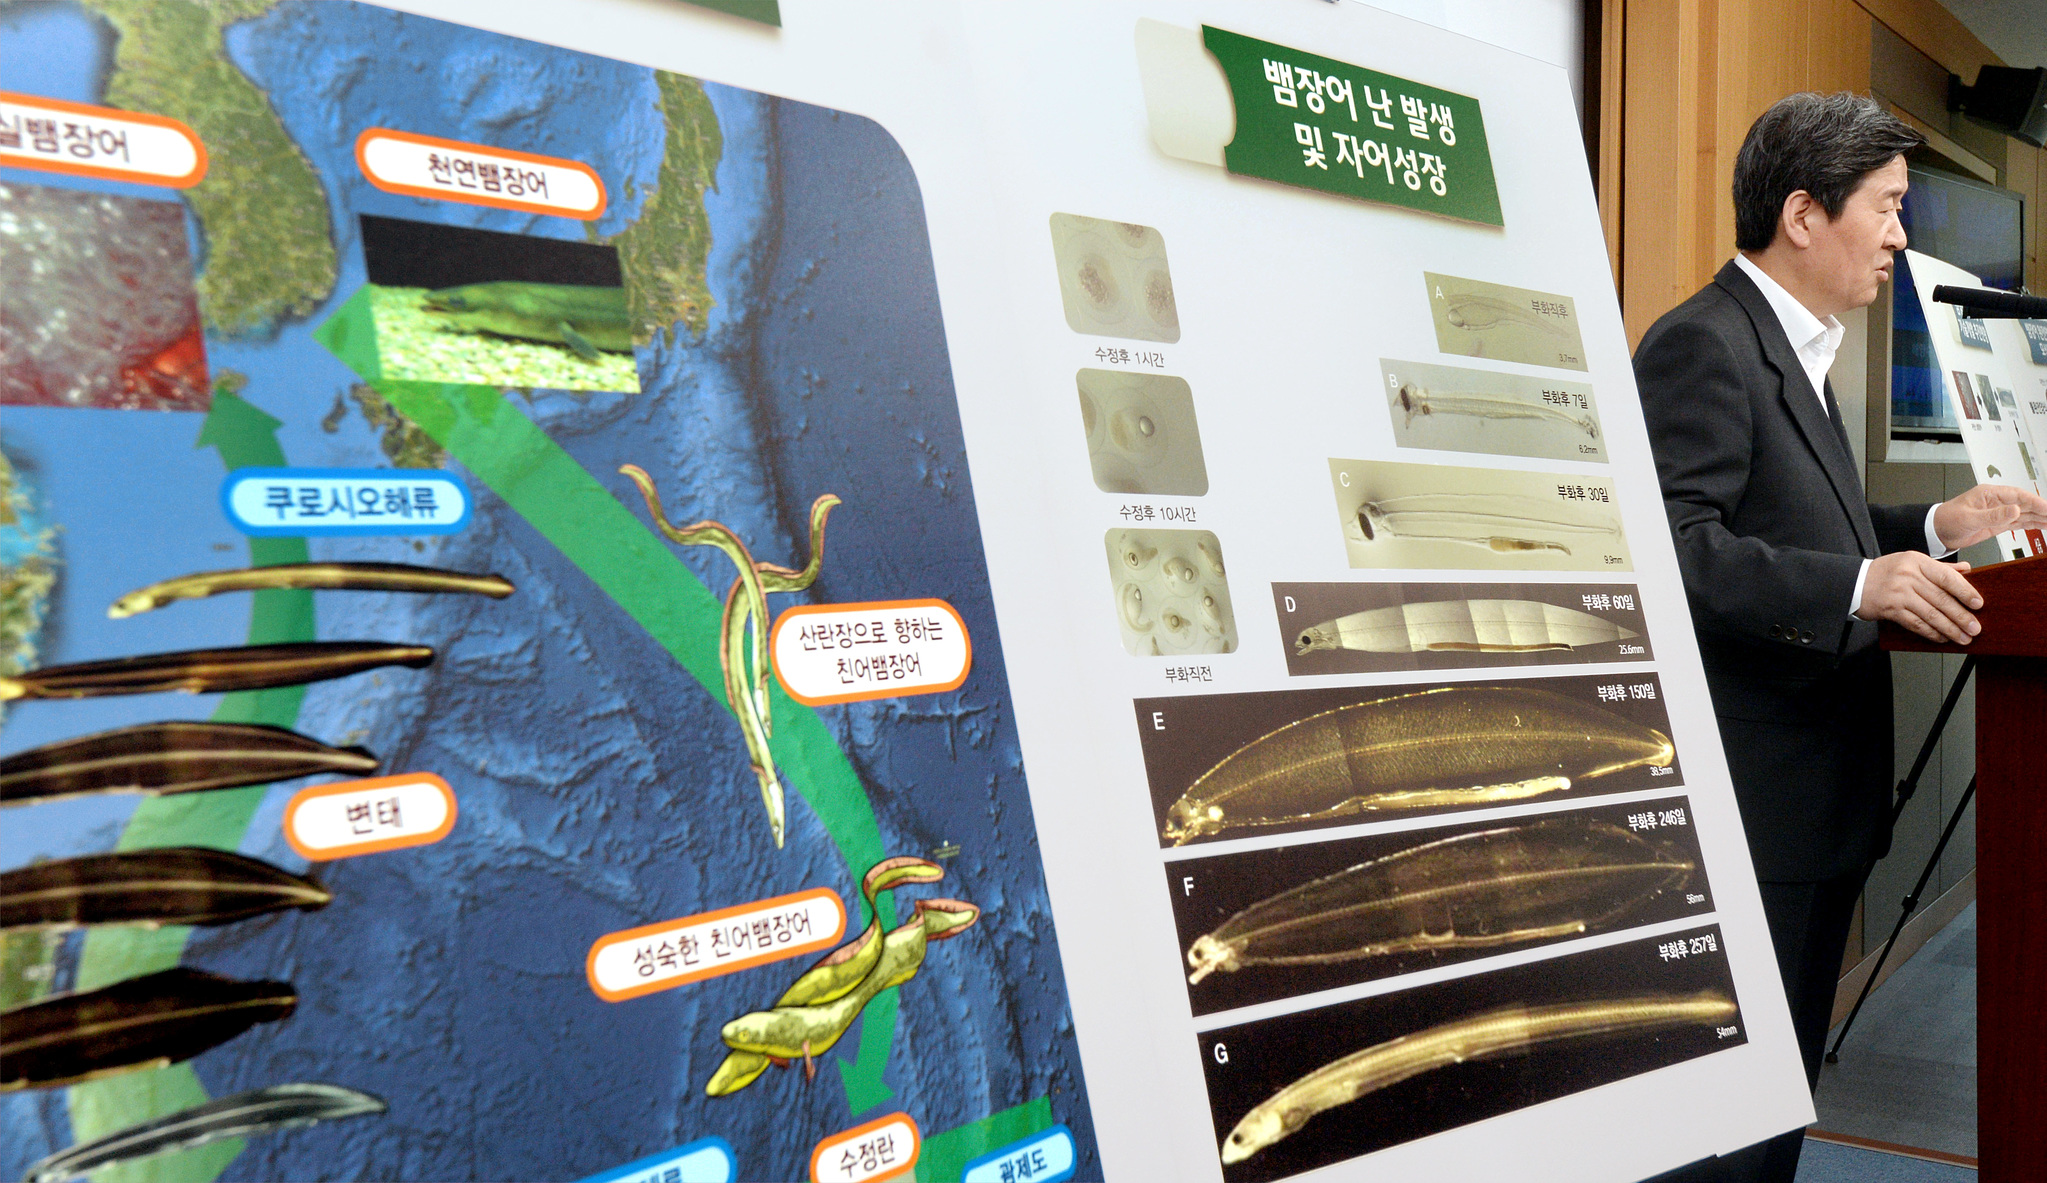 2016년 6월 당시 윤학배 해양수산부 차관이 정부세종청사 해수부 기자실에서 세계 두번째로 성공한 뱀장어 완전양식 기술에 대해 설명하고 있다. [중앙포토]